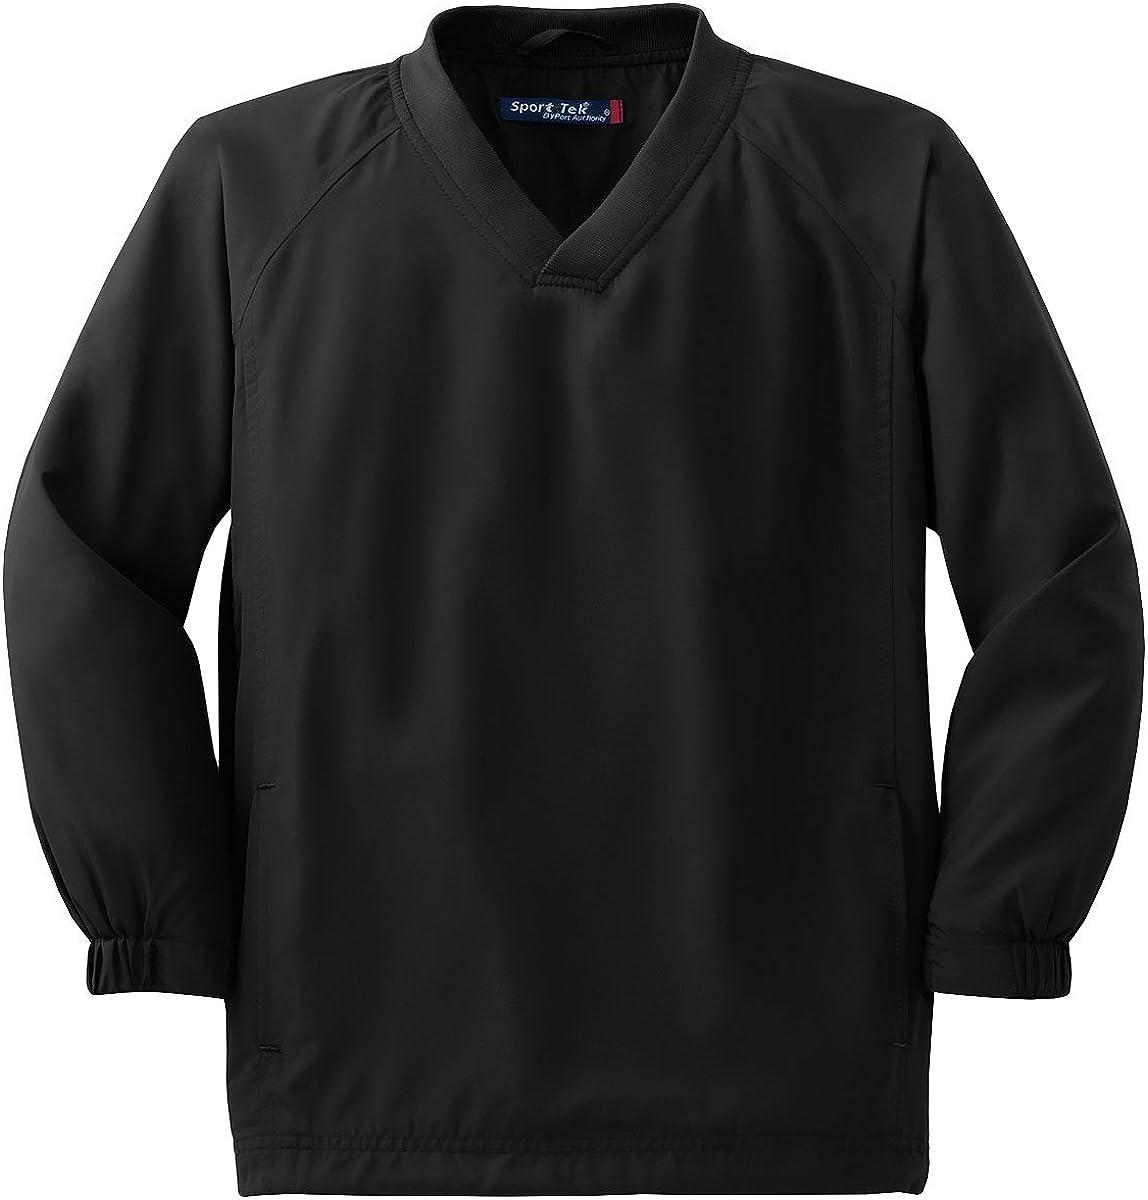 YST72 Youth V-Neck Raglan Wind Shirt Black XS